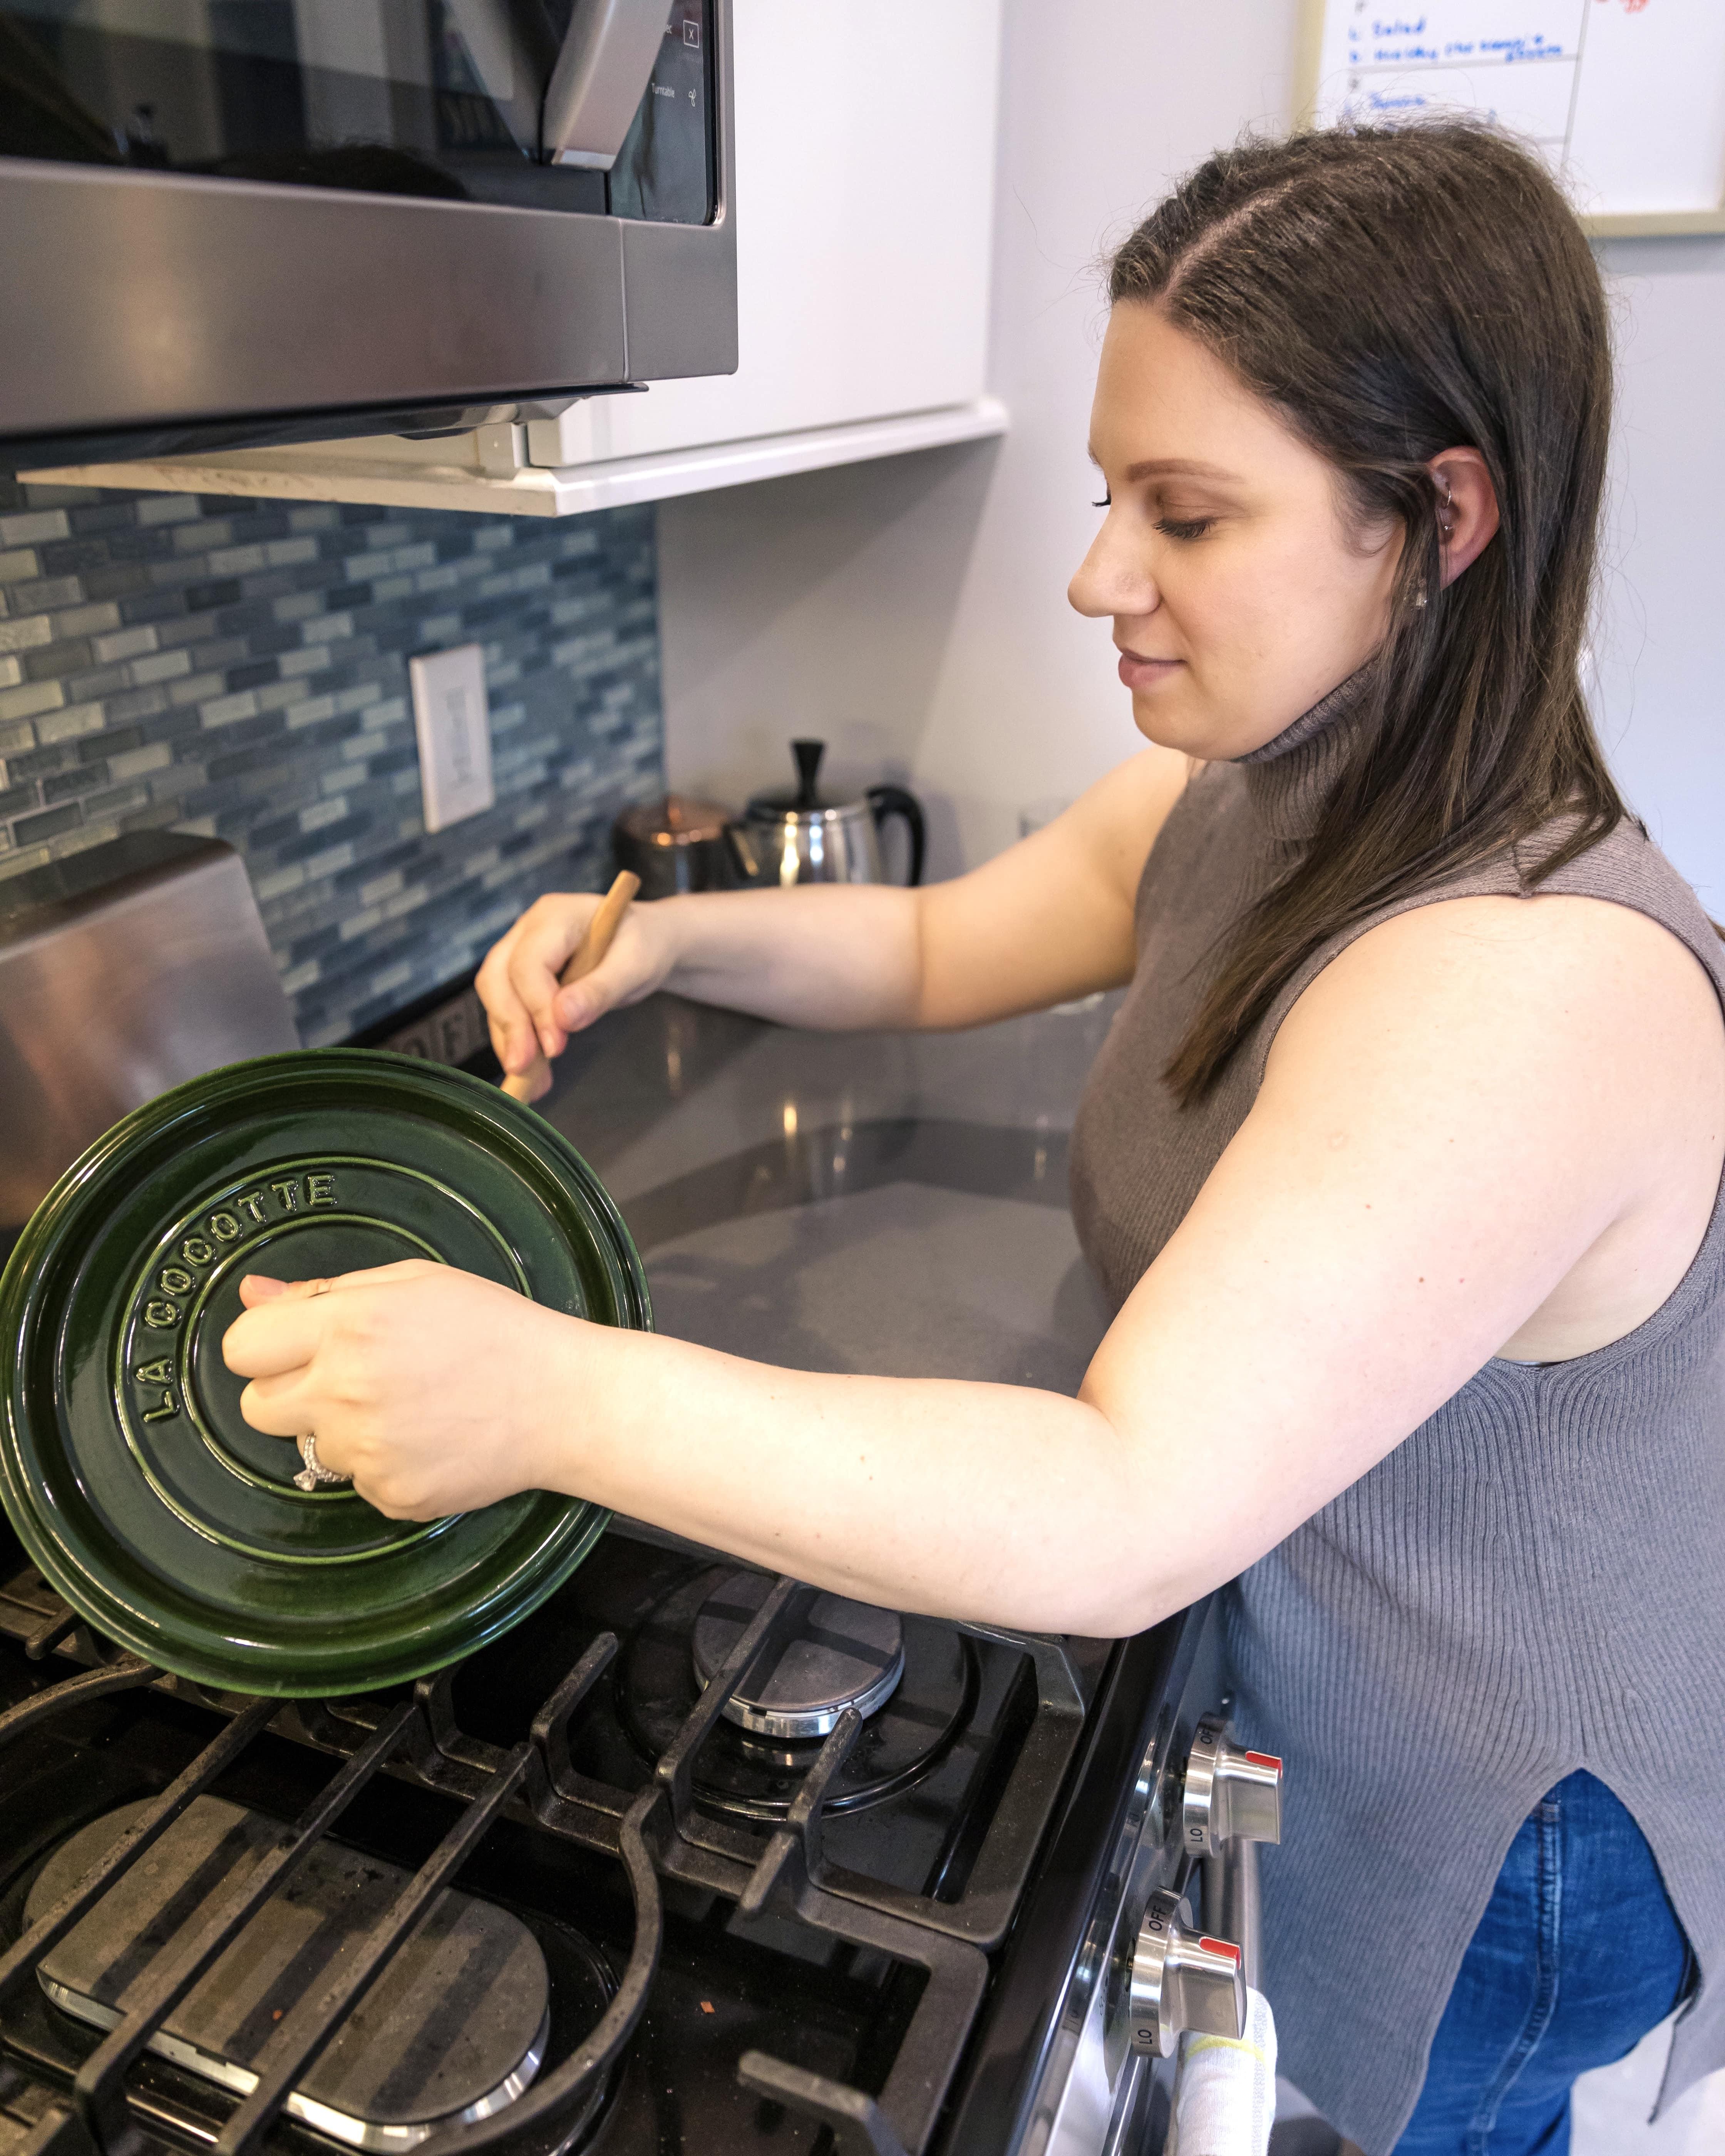 morgan at stove stirring in a pot